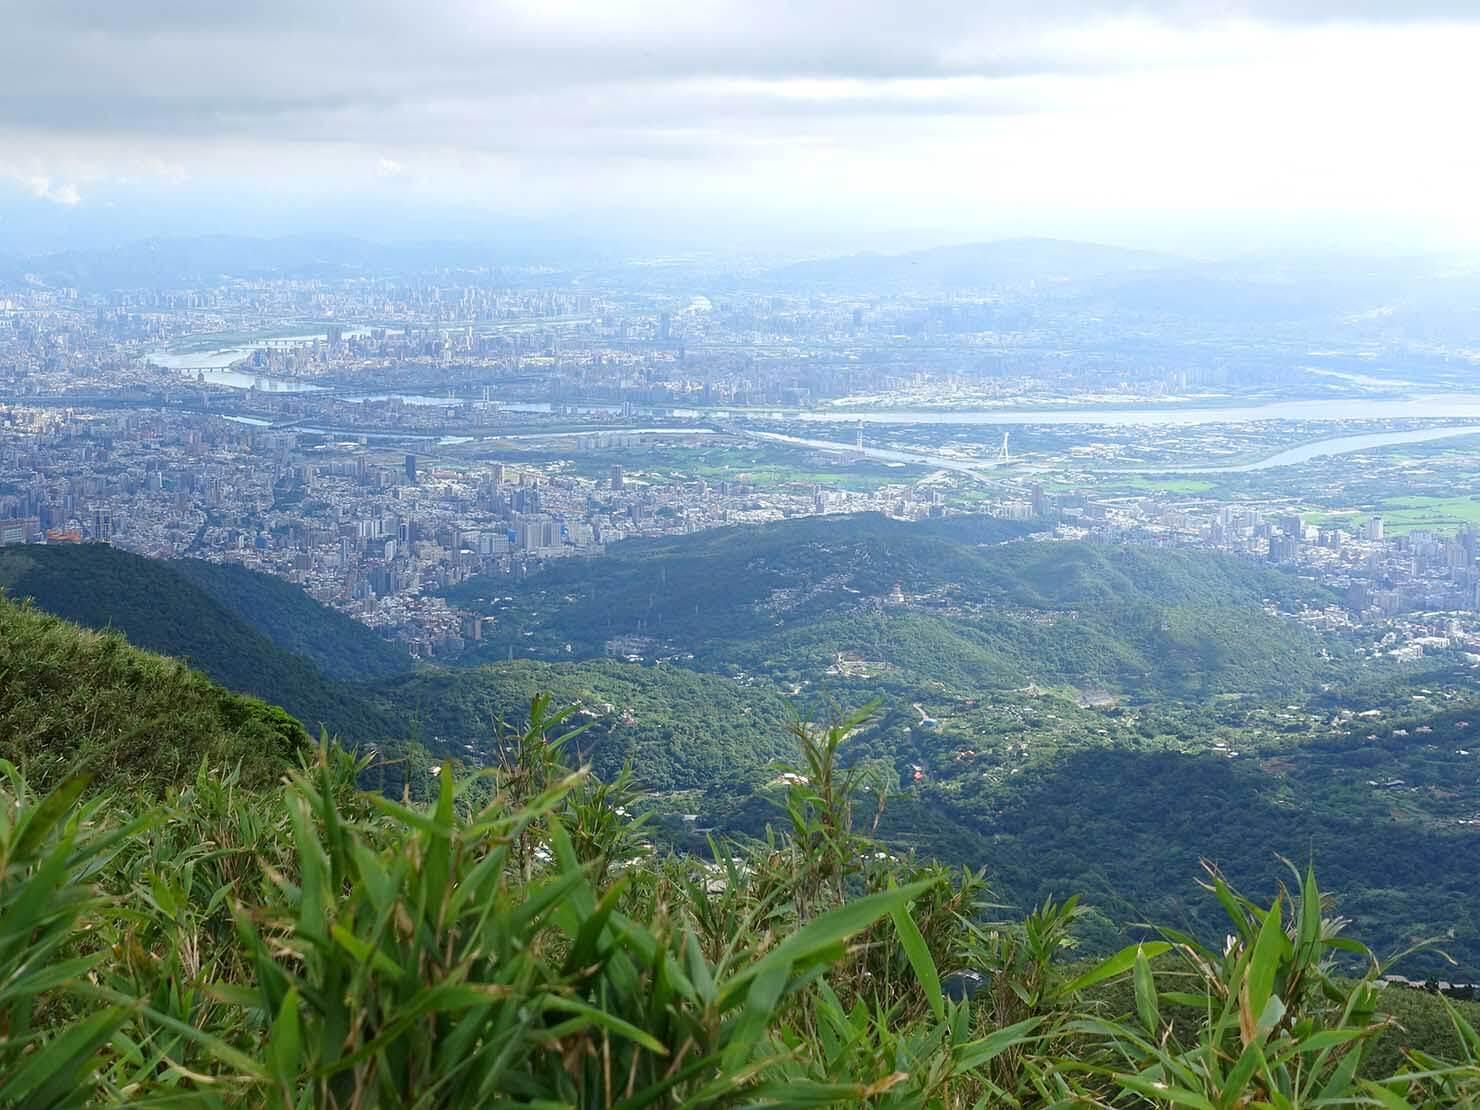 台北最高峰・七星山への登山歩道から眺める台北市街